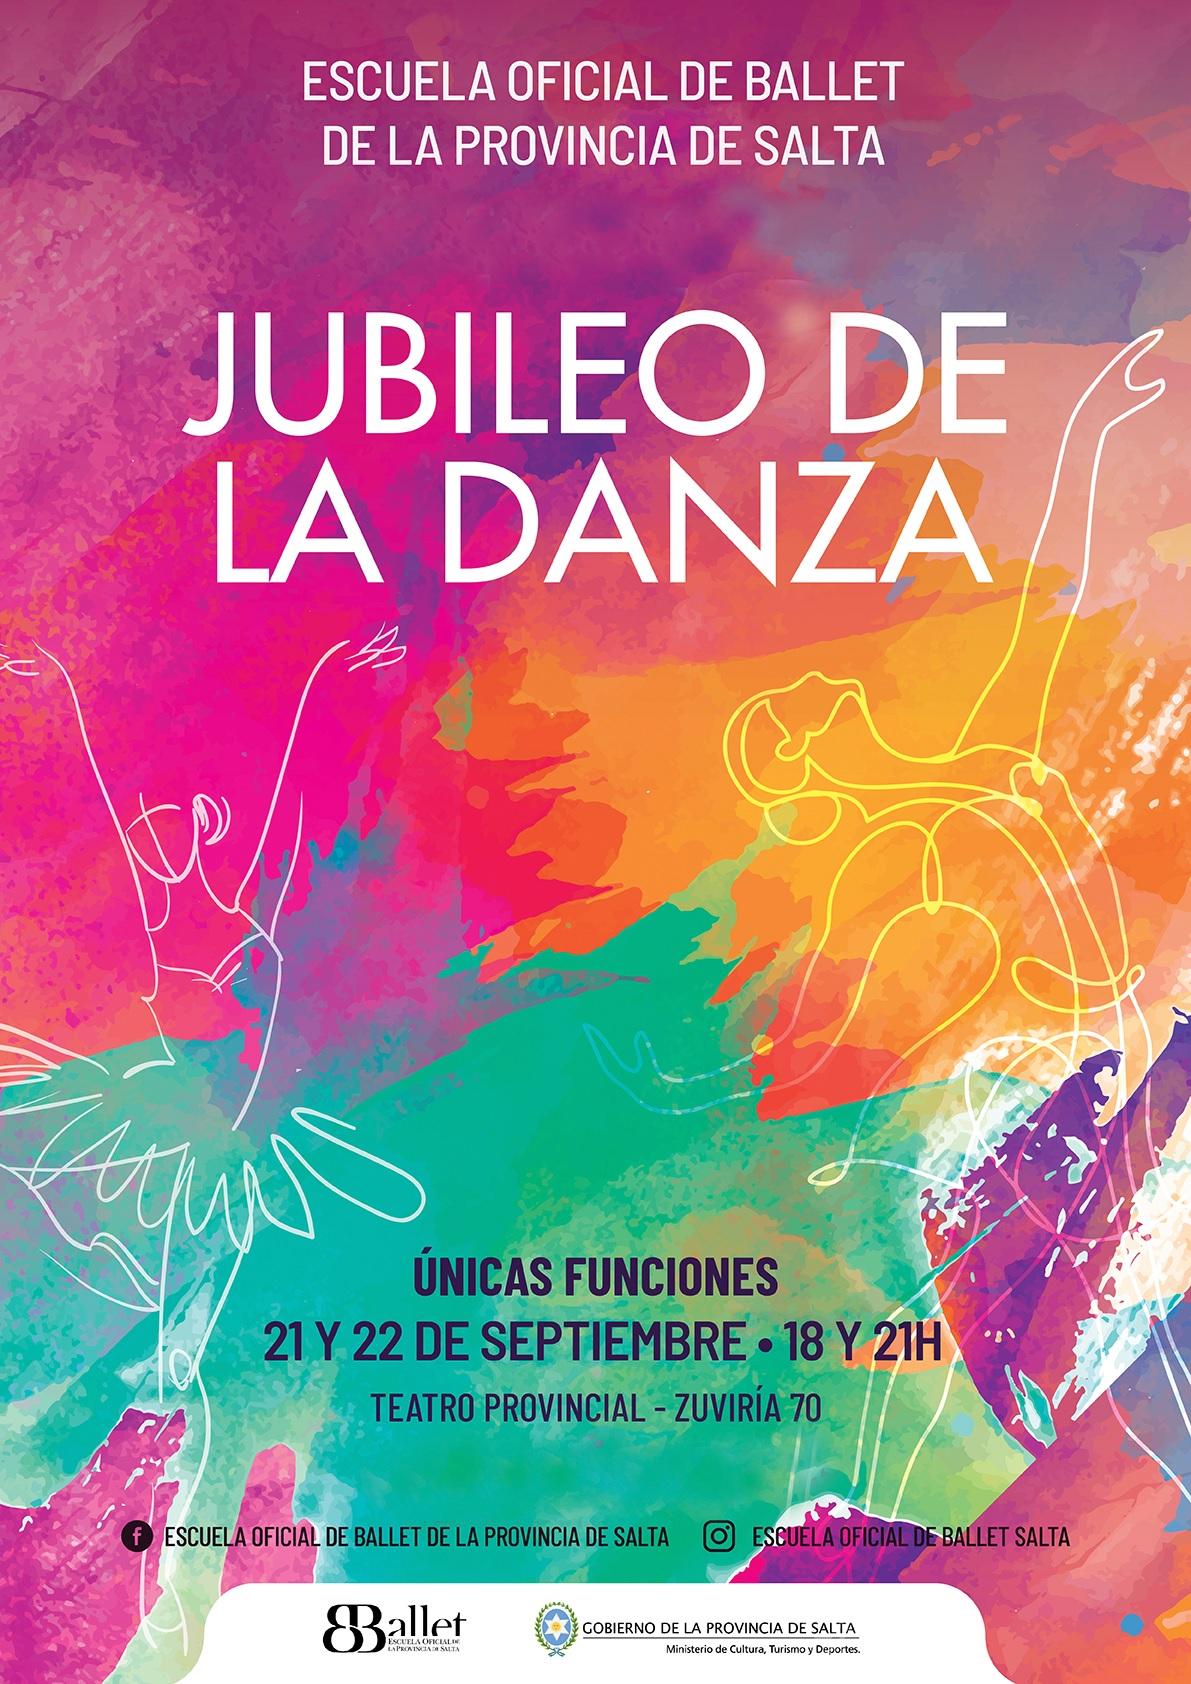 Con entrada libre y gratuita la gran fiesta «JUBILEO DE LA DANZA»